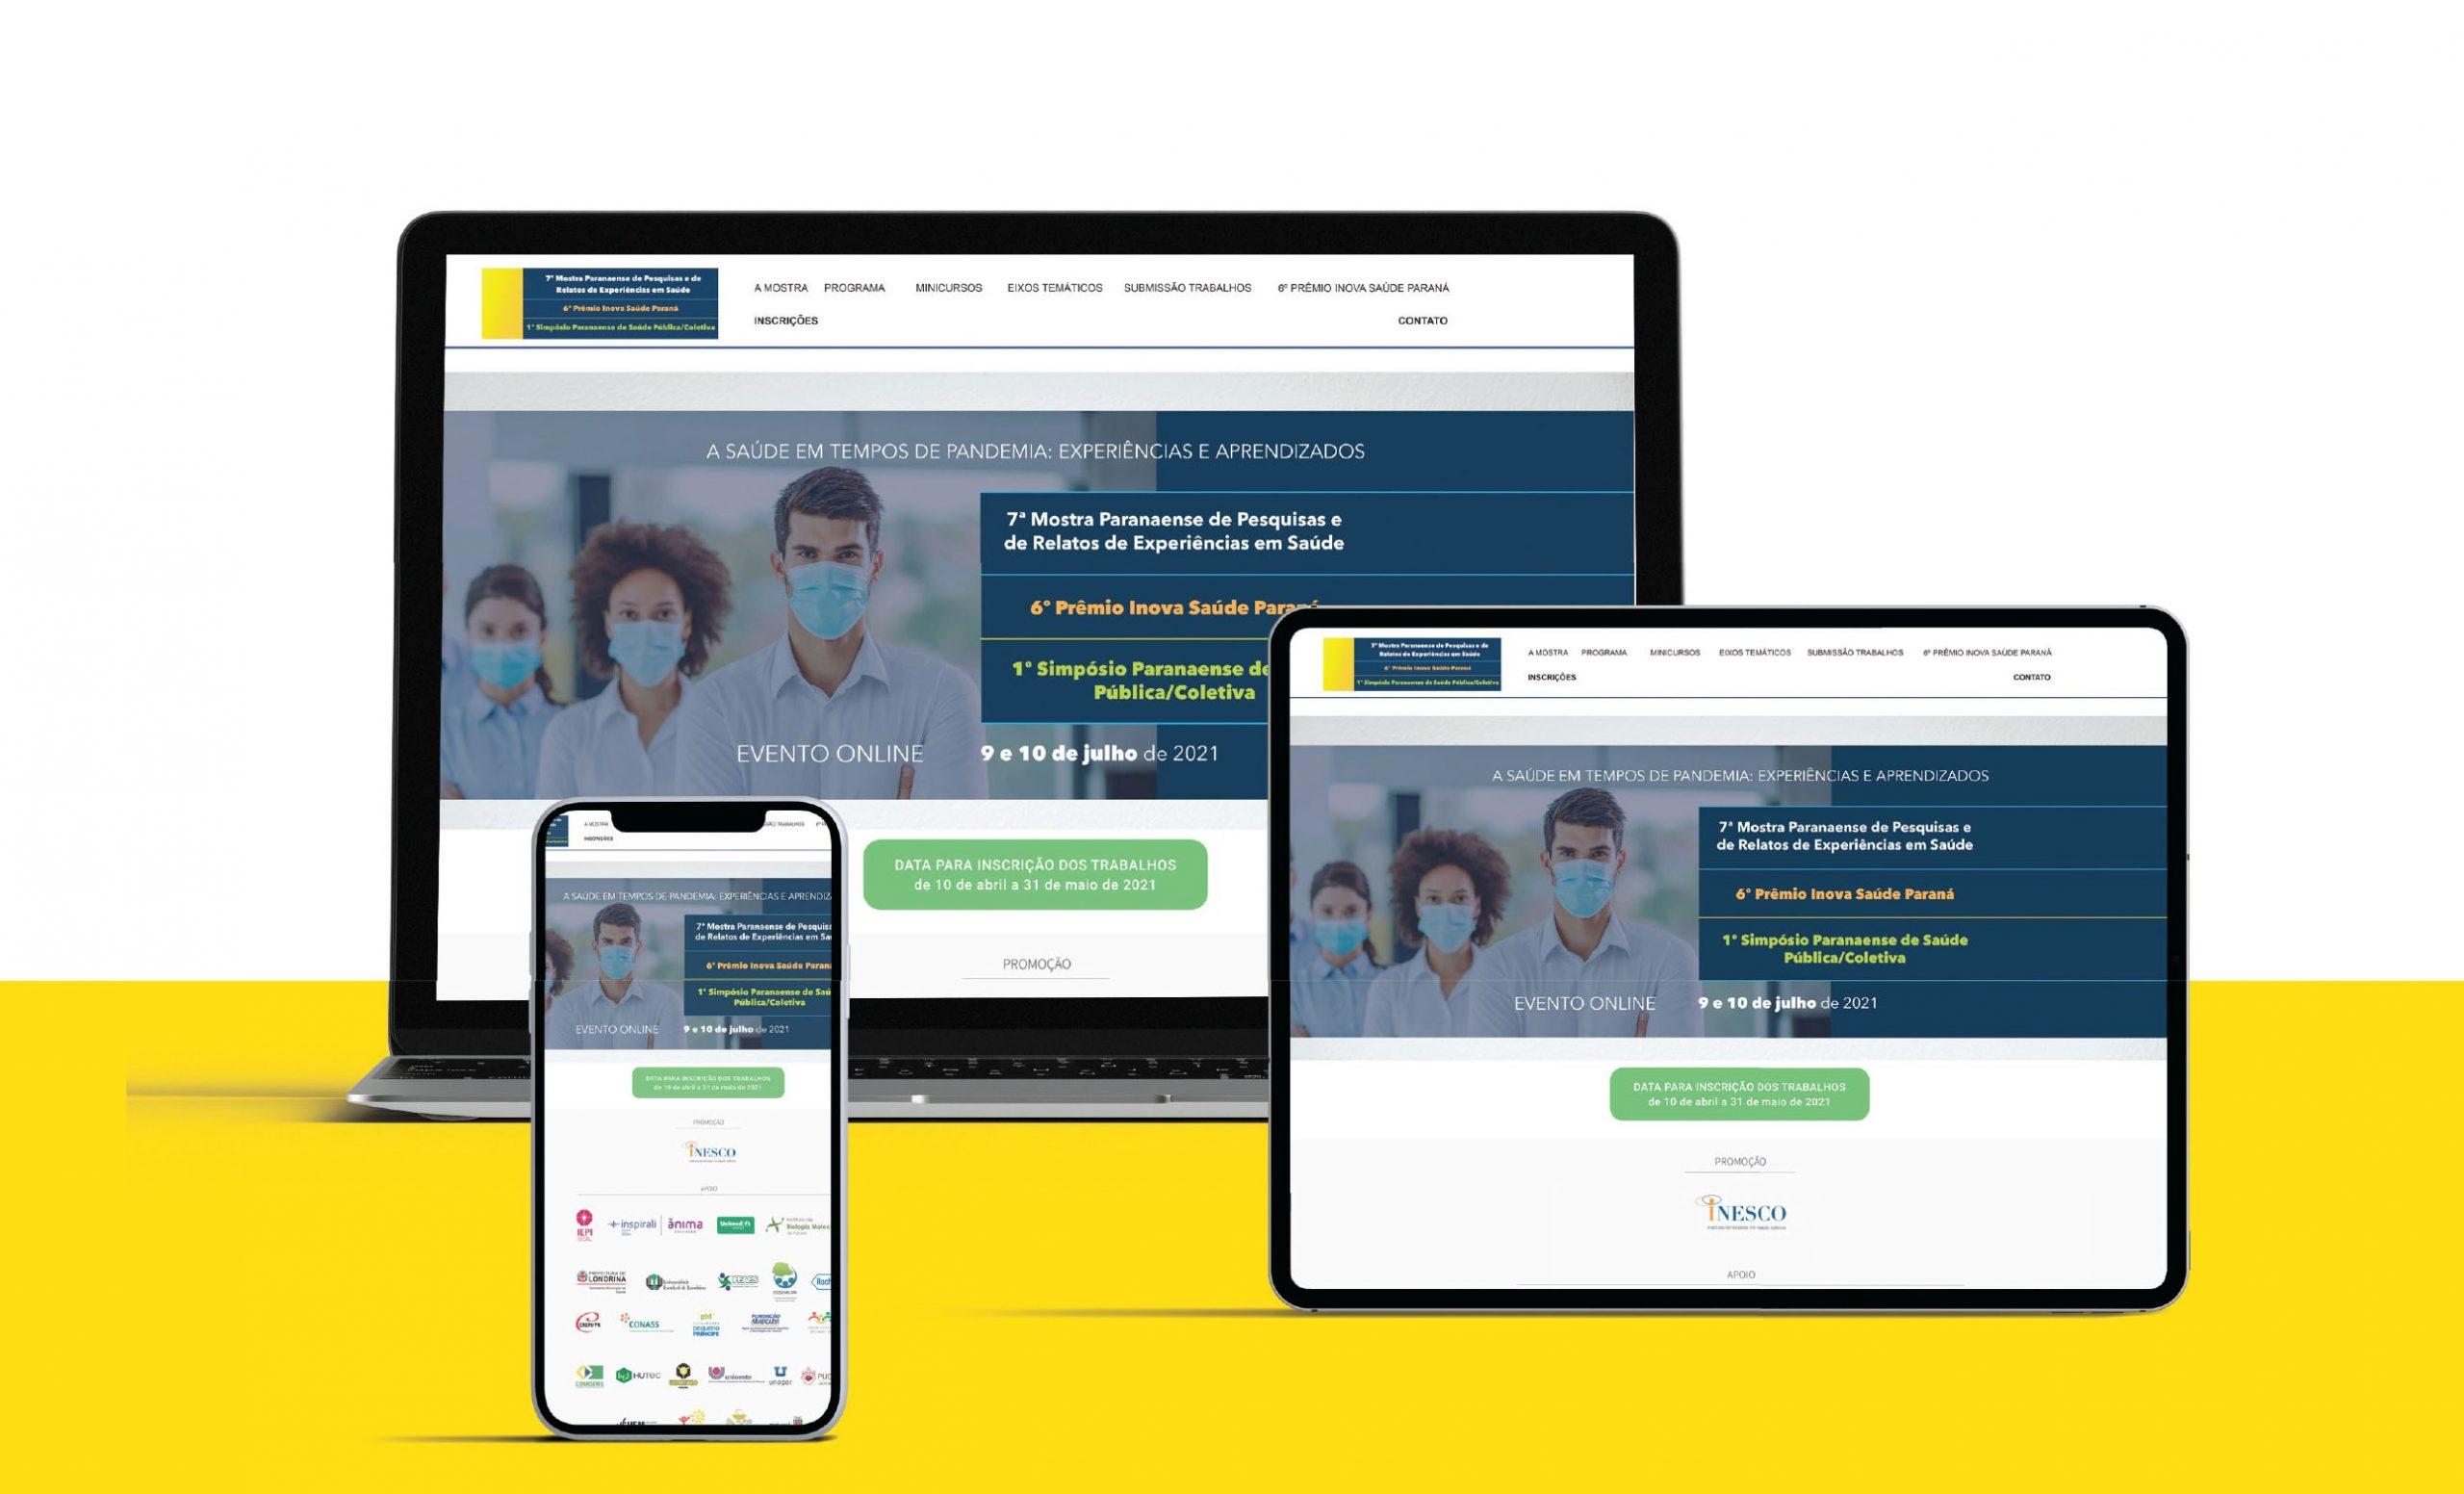 Mostra de Pesquisas em Saúde inscreve trabalhos científicos até 31 maio